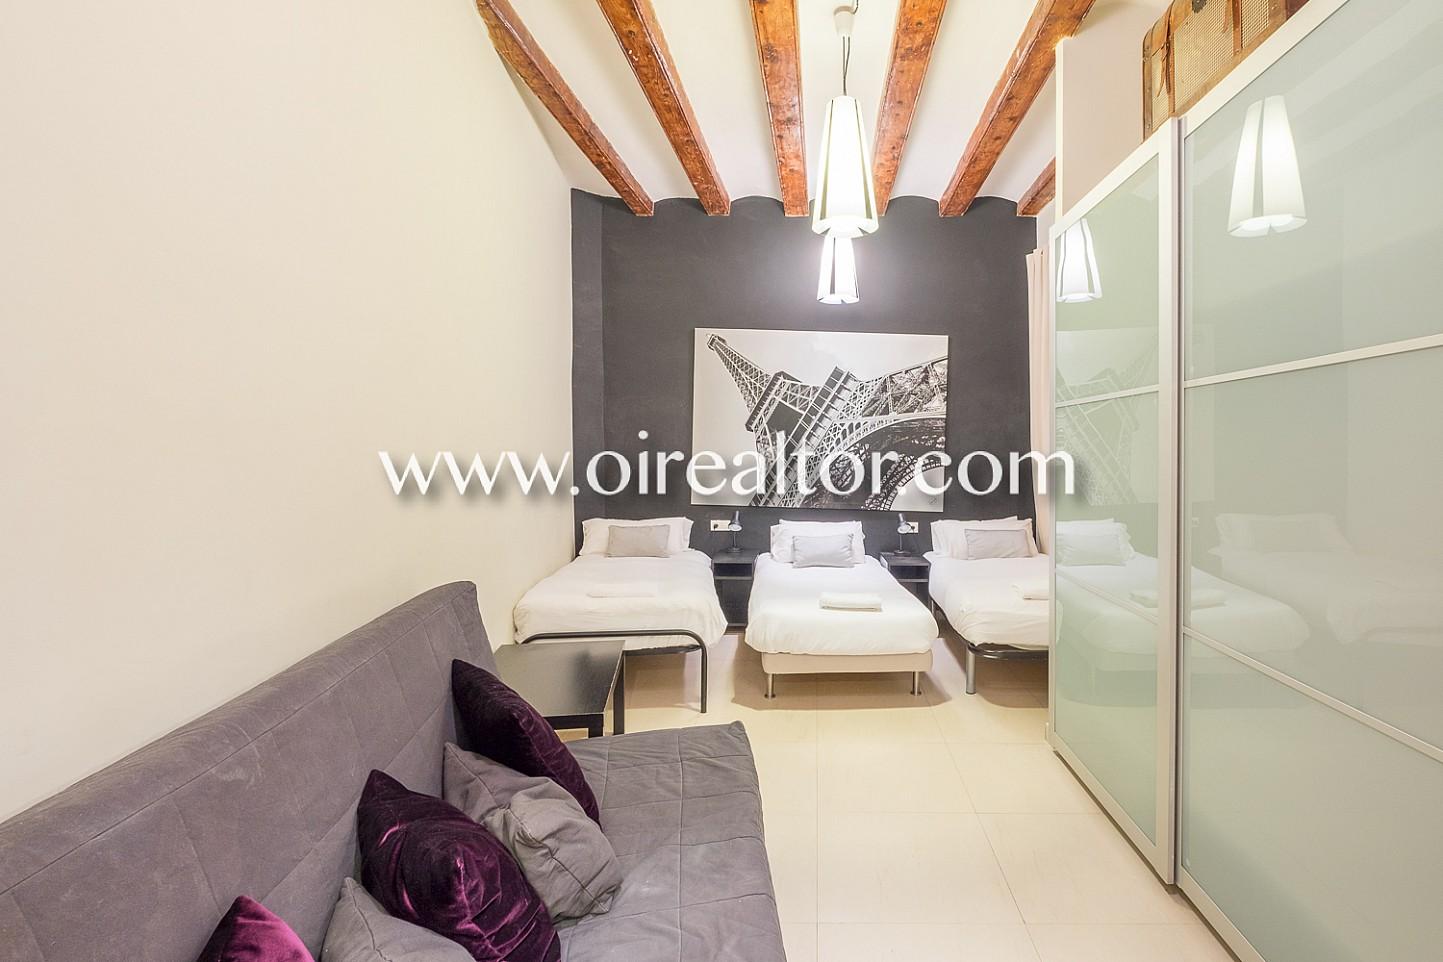 habitación triple, cama, camas, habitación grande, vigas vistas, dormitorio, dormitorio de diseño